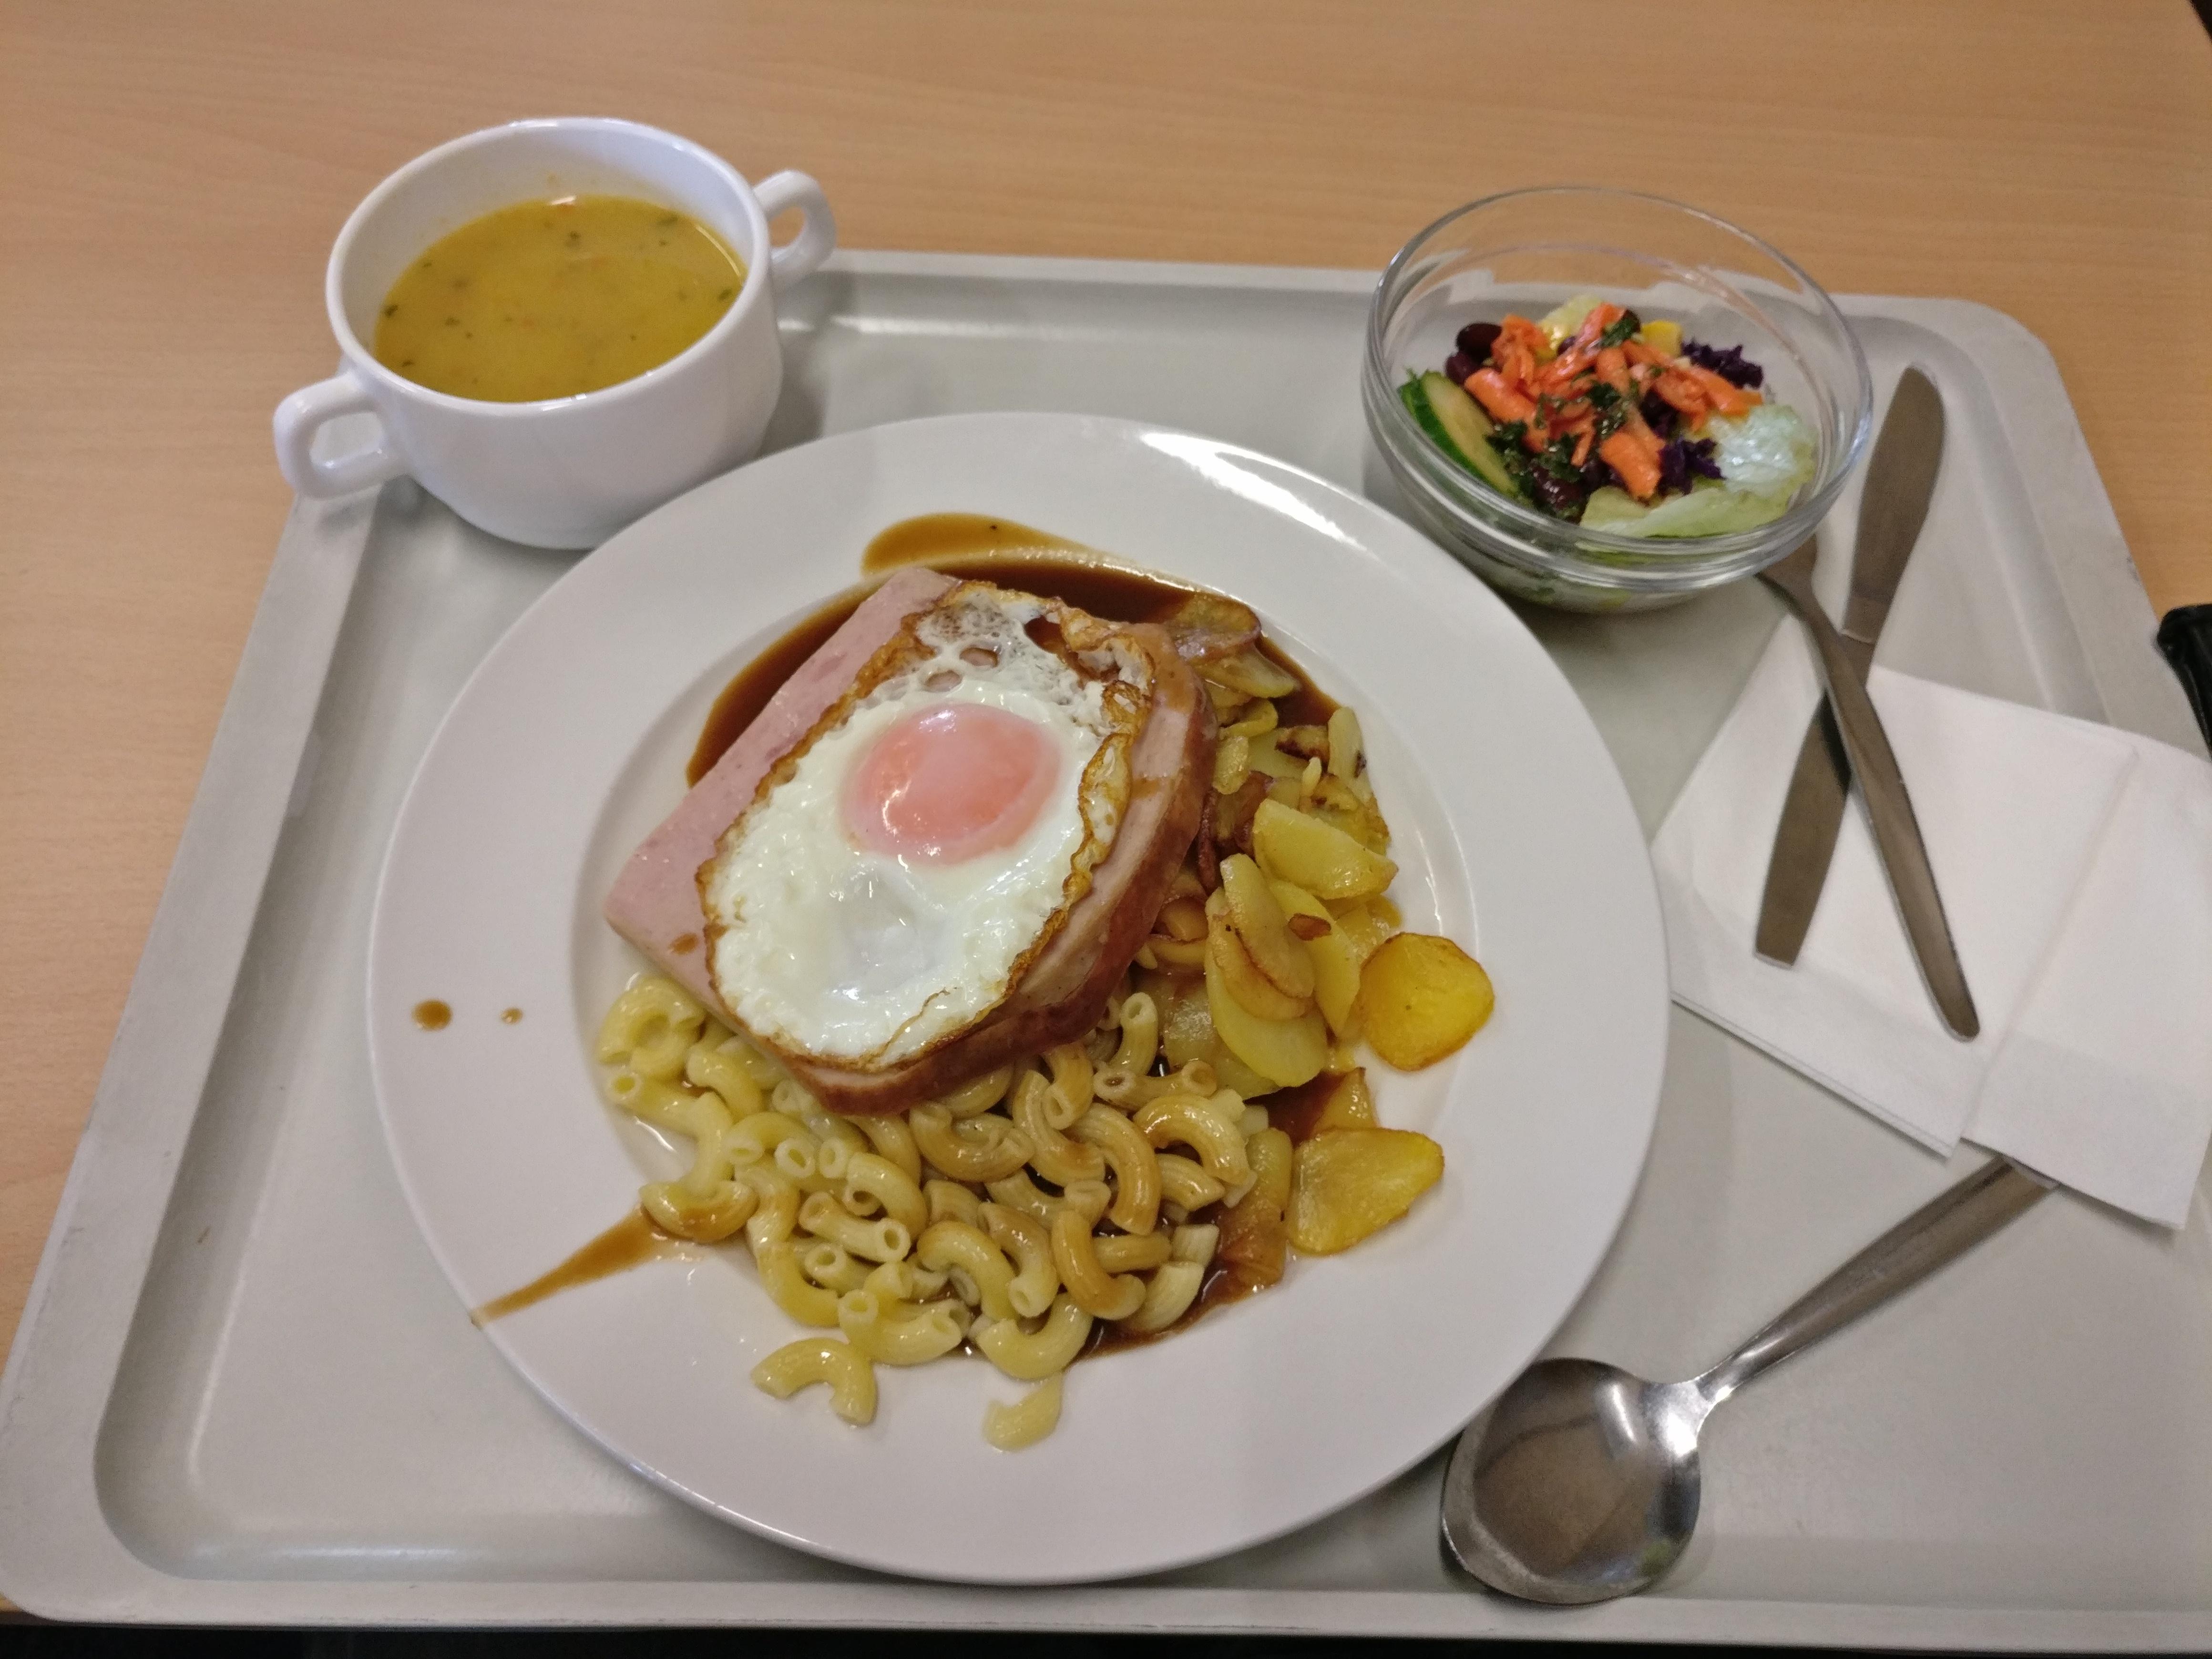 https://foodloader.net/nico_2017-03-06_fleischkaese-nudeln-bratkartoffeln-spiegelei-suppe-salat.jpg